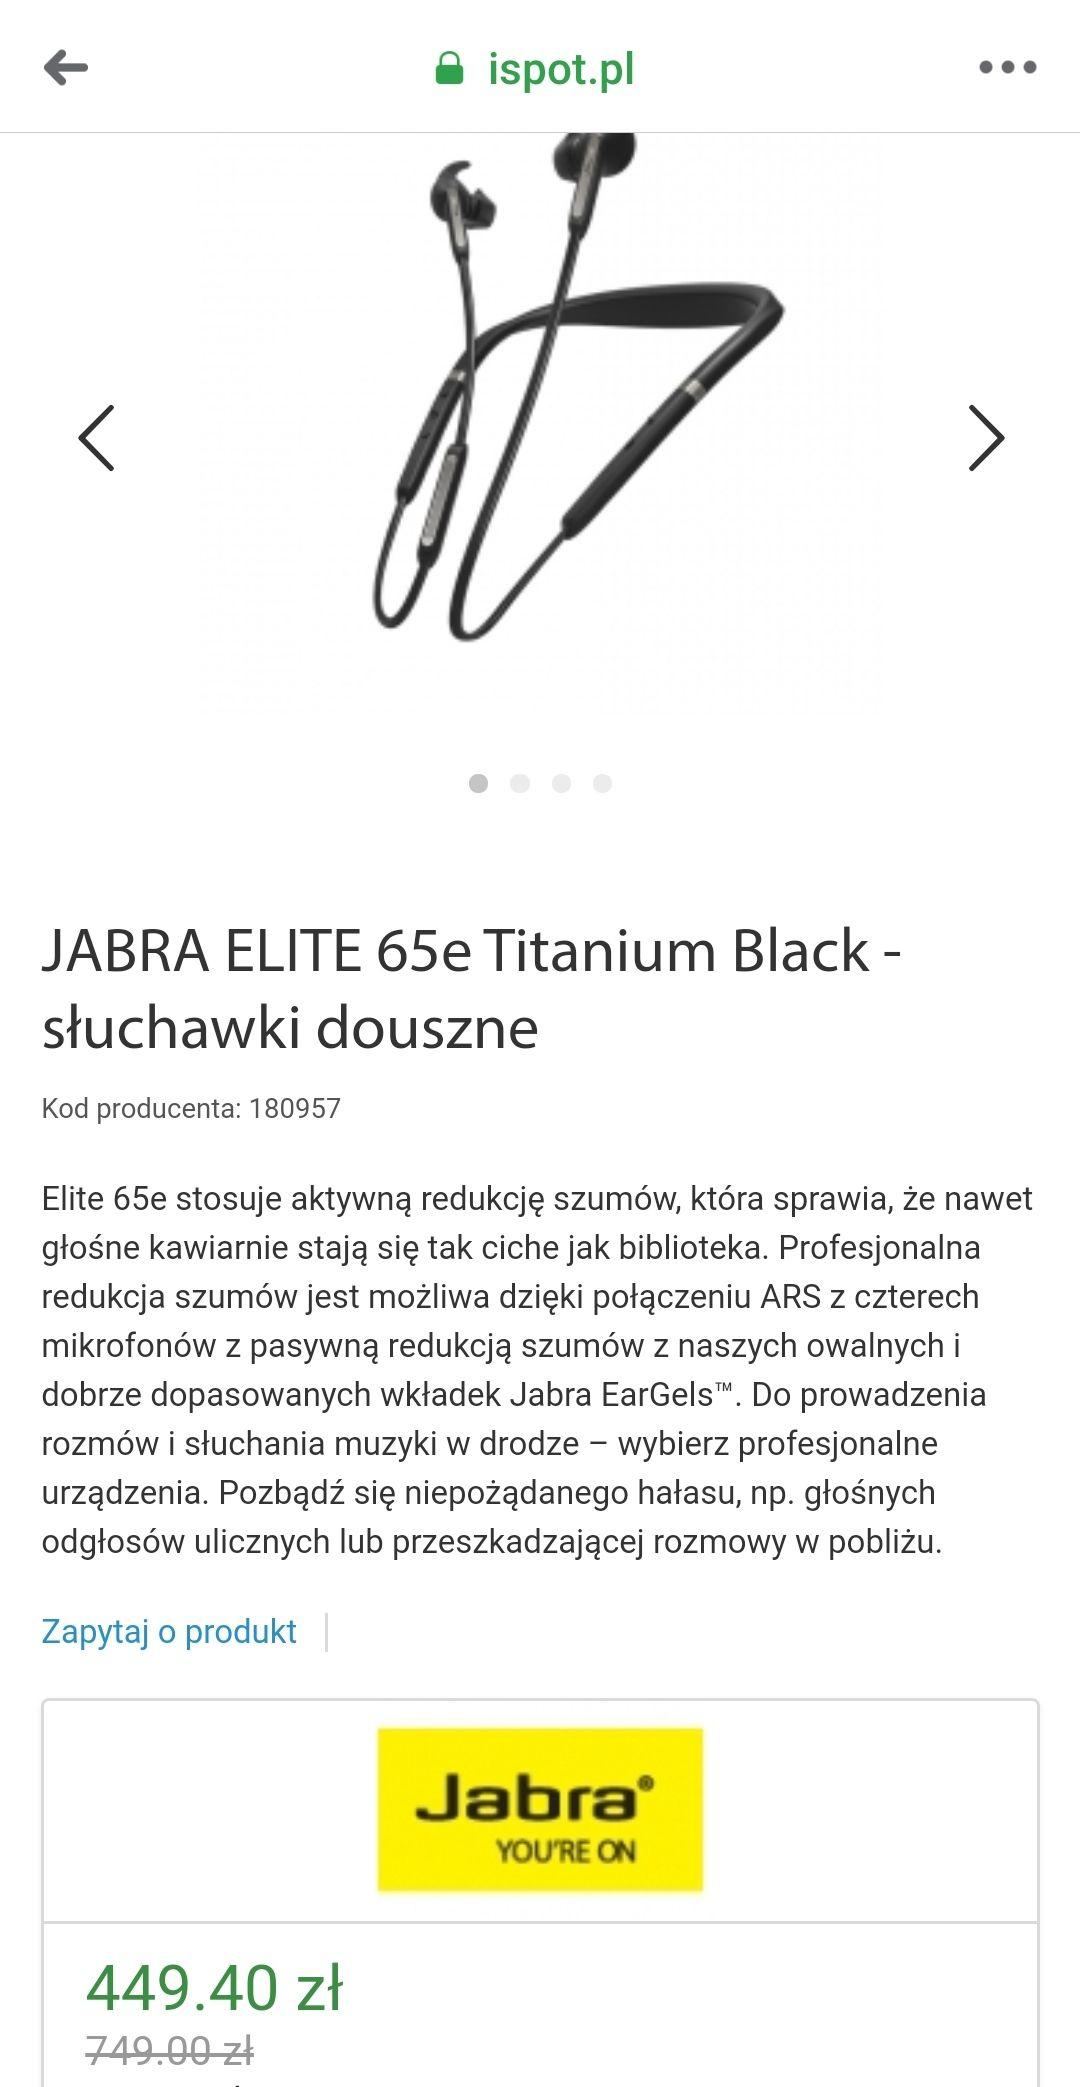 JABRA ELITE 65e Titanium Black